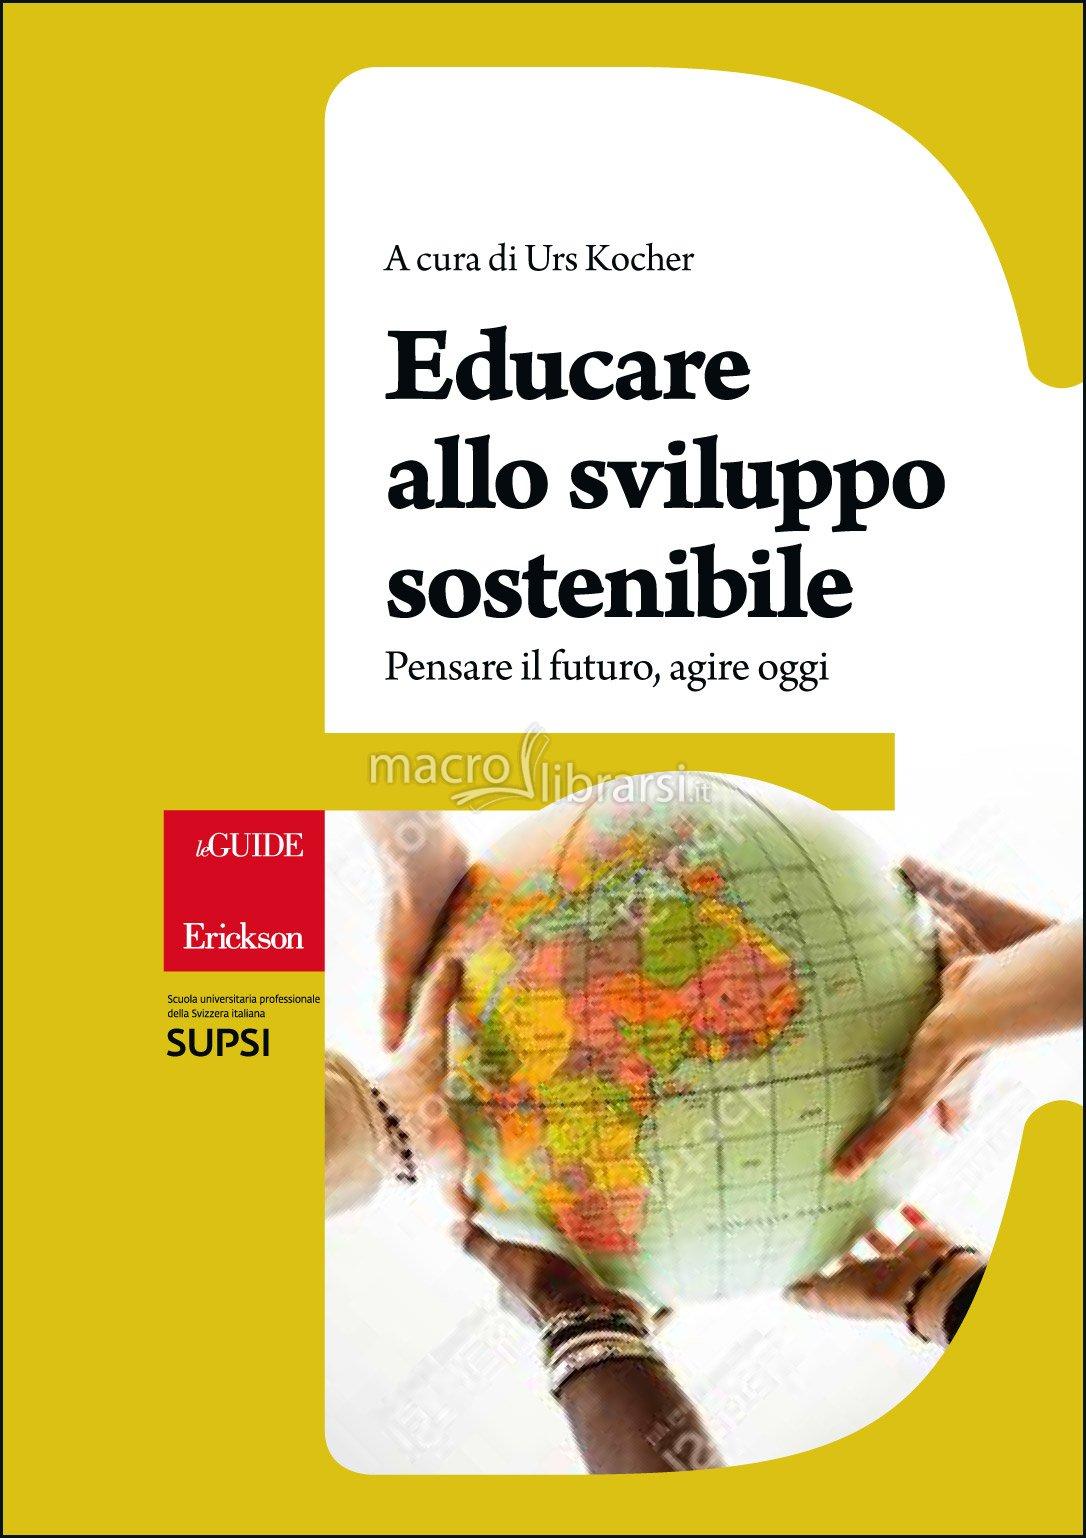 educare-allo-sviluppo-sostenibile-132010